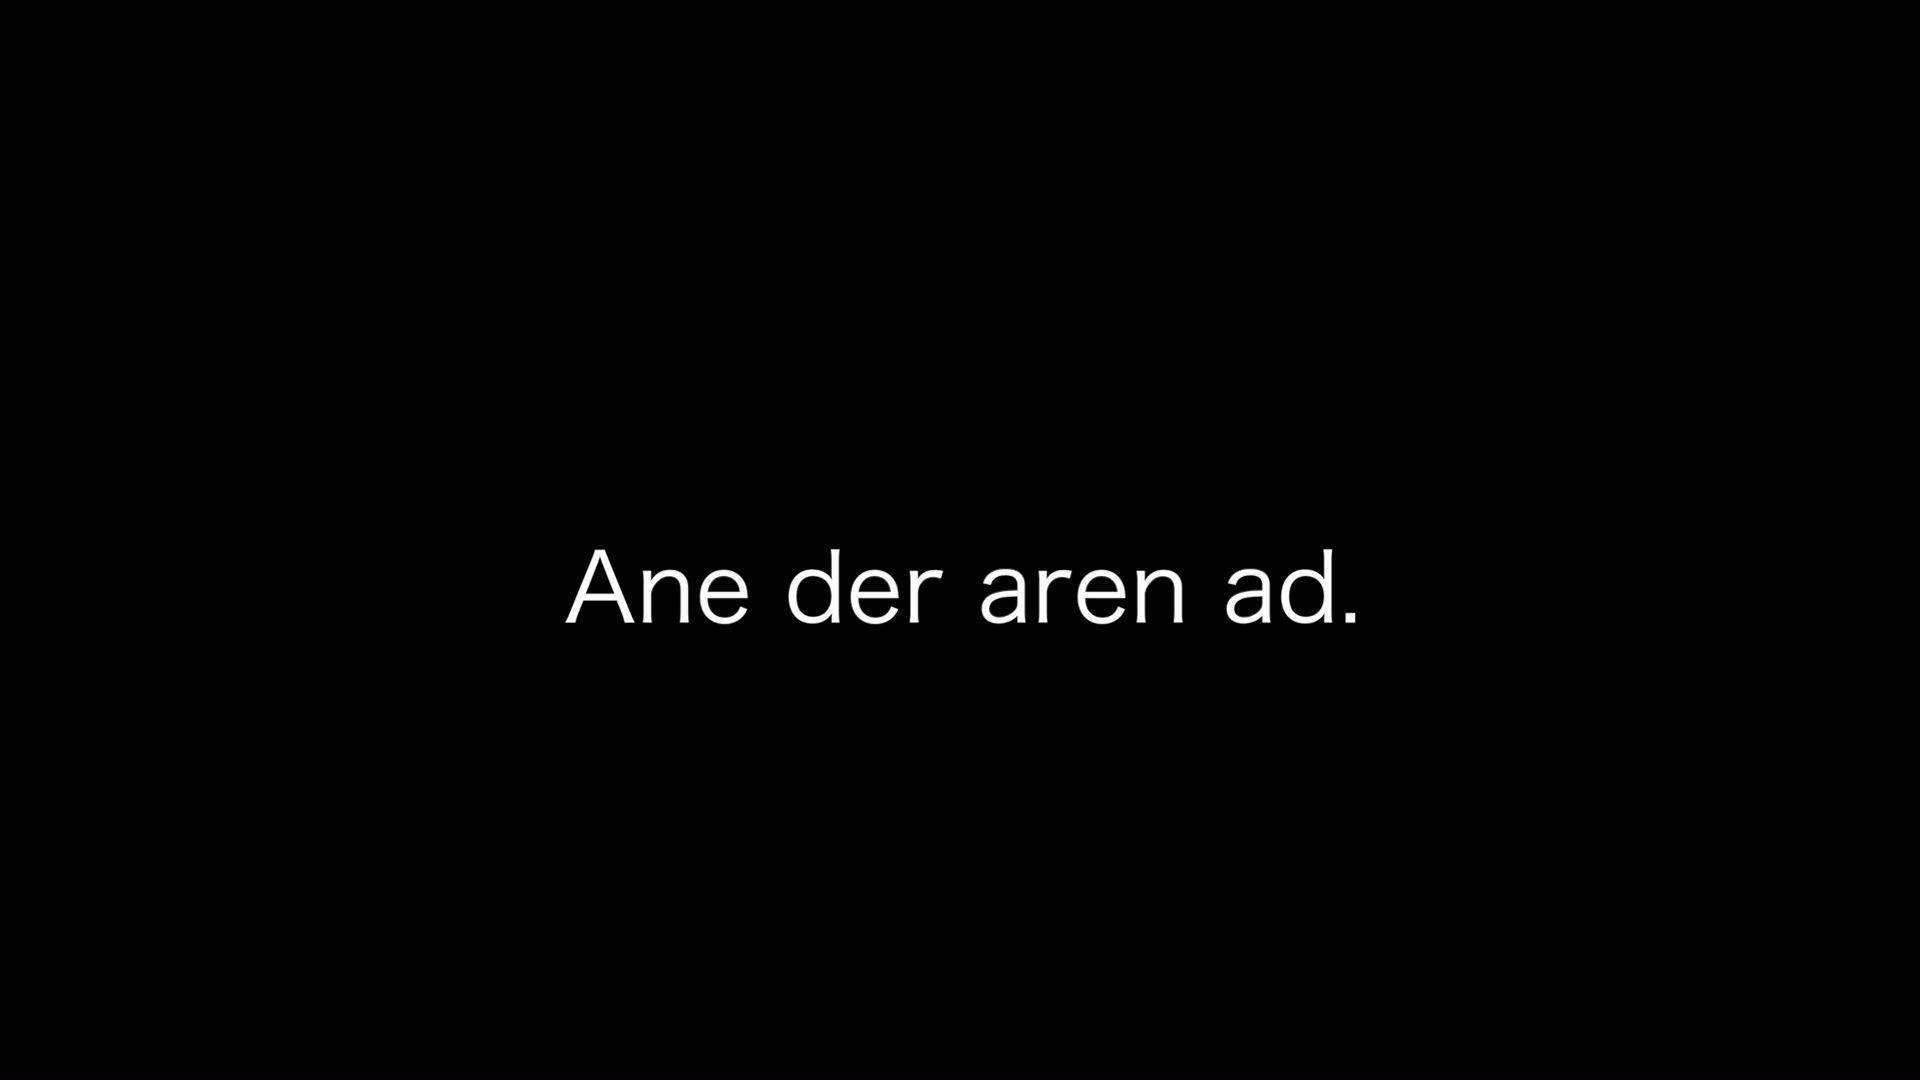 ane-der-aren-ad